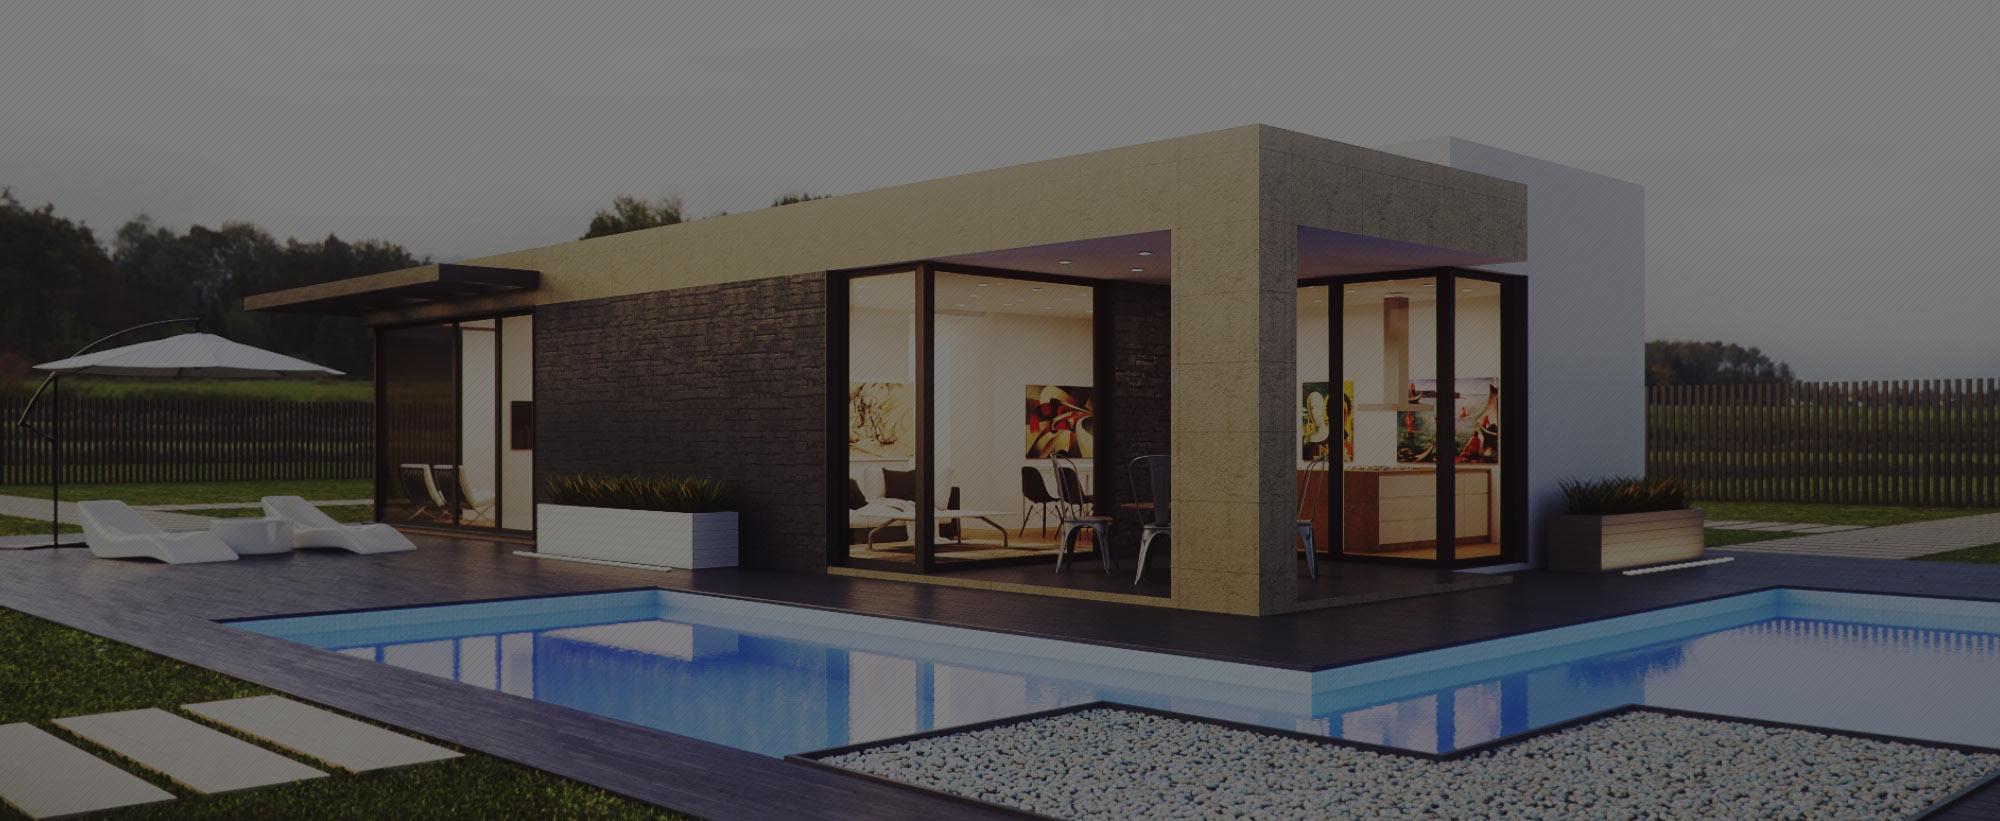 4. ออกแบบสวน สระว่ายน้ำ ศาลา